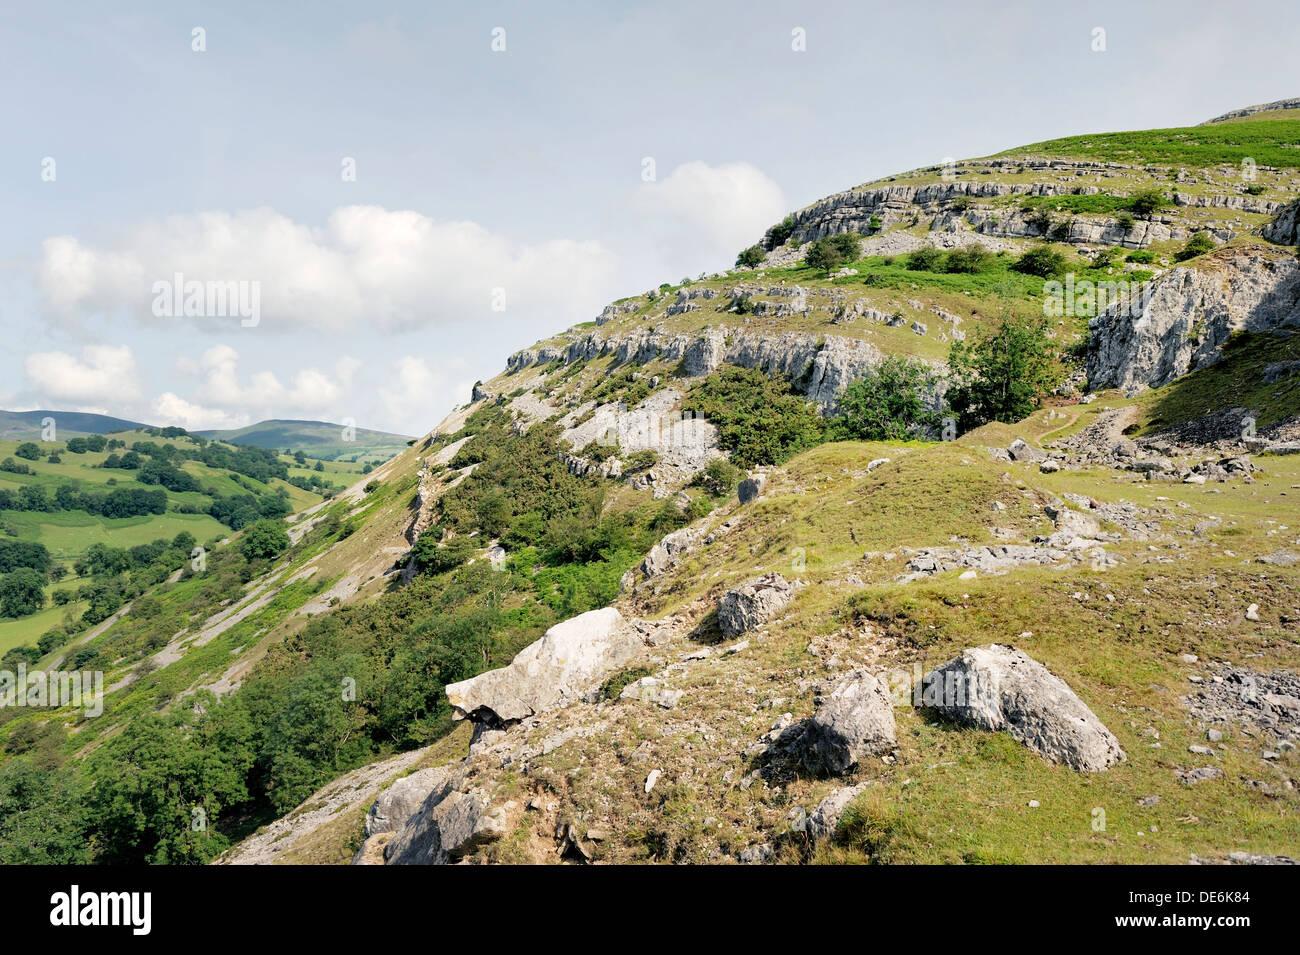 Lllangollen Denbighshire, north Wales. N.W. along Creigiau Eglwyseg Trevor Rocks limestone escarpment above Afon Eglwyseg valley - Stock Image